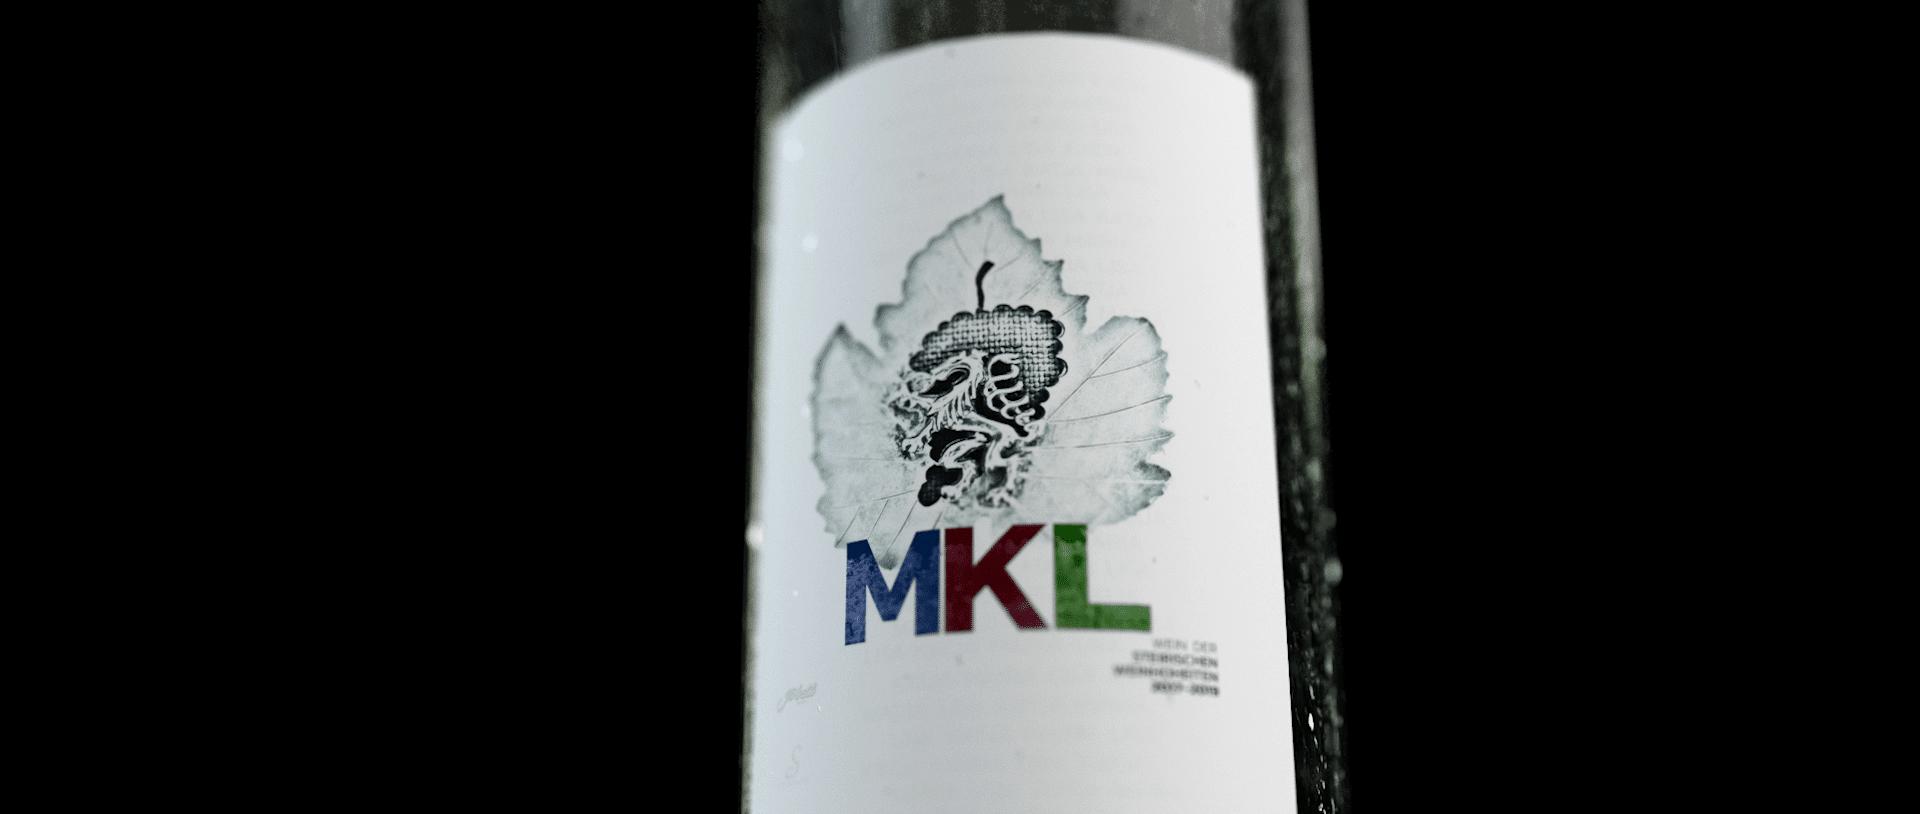 MKL_3